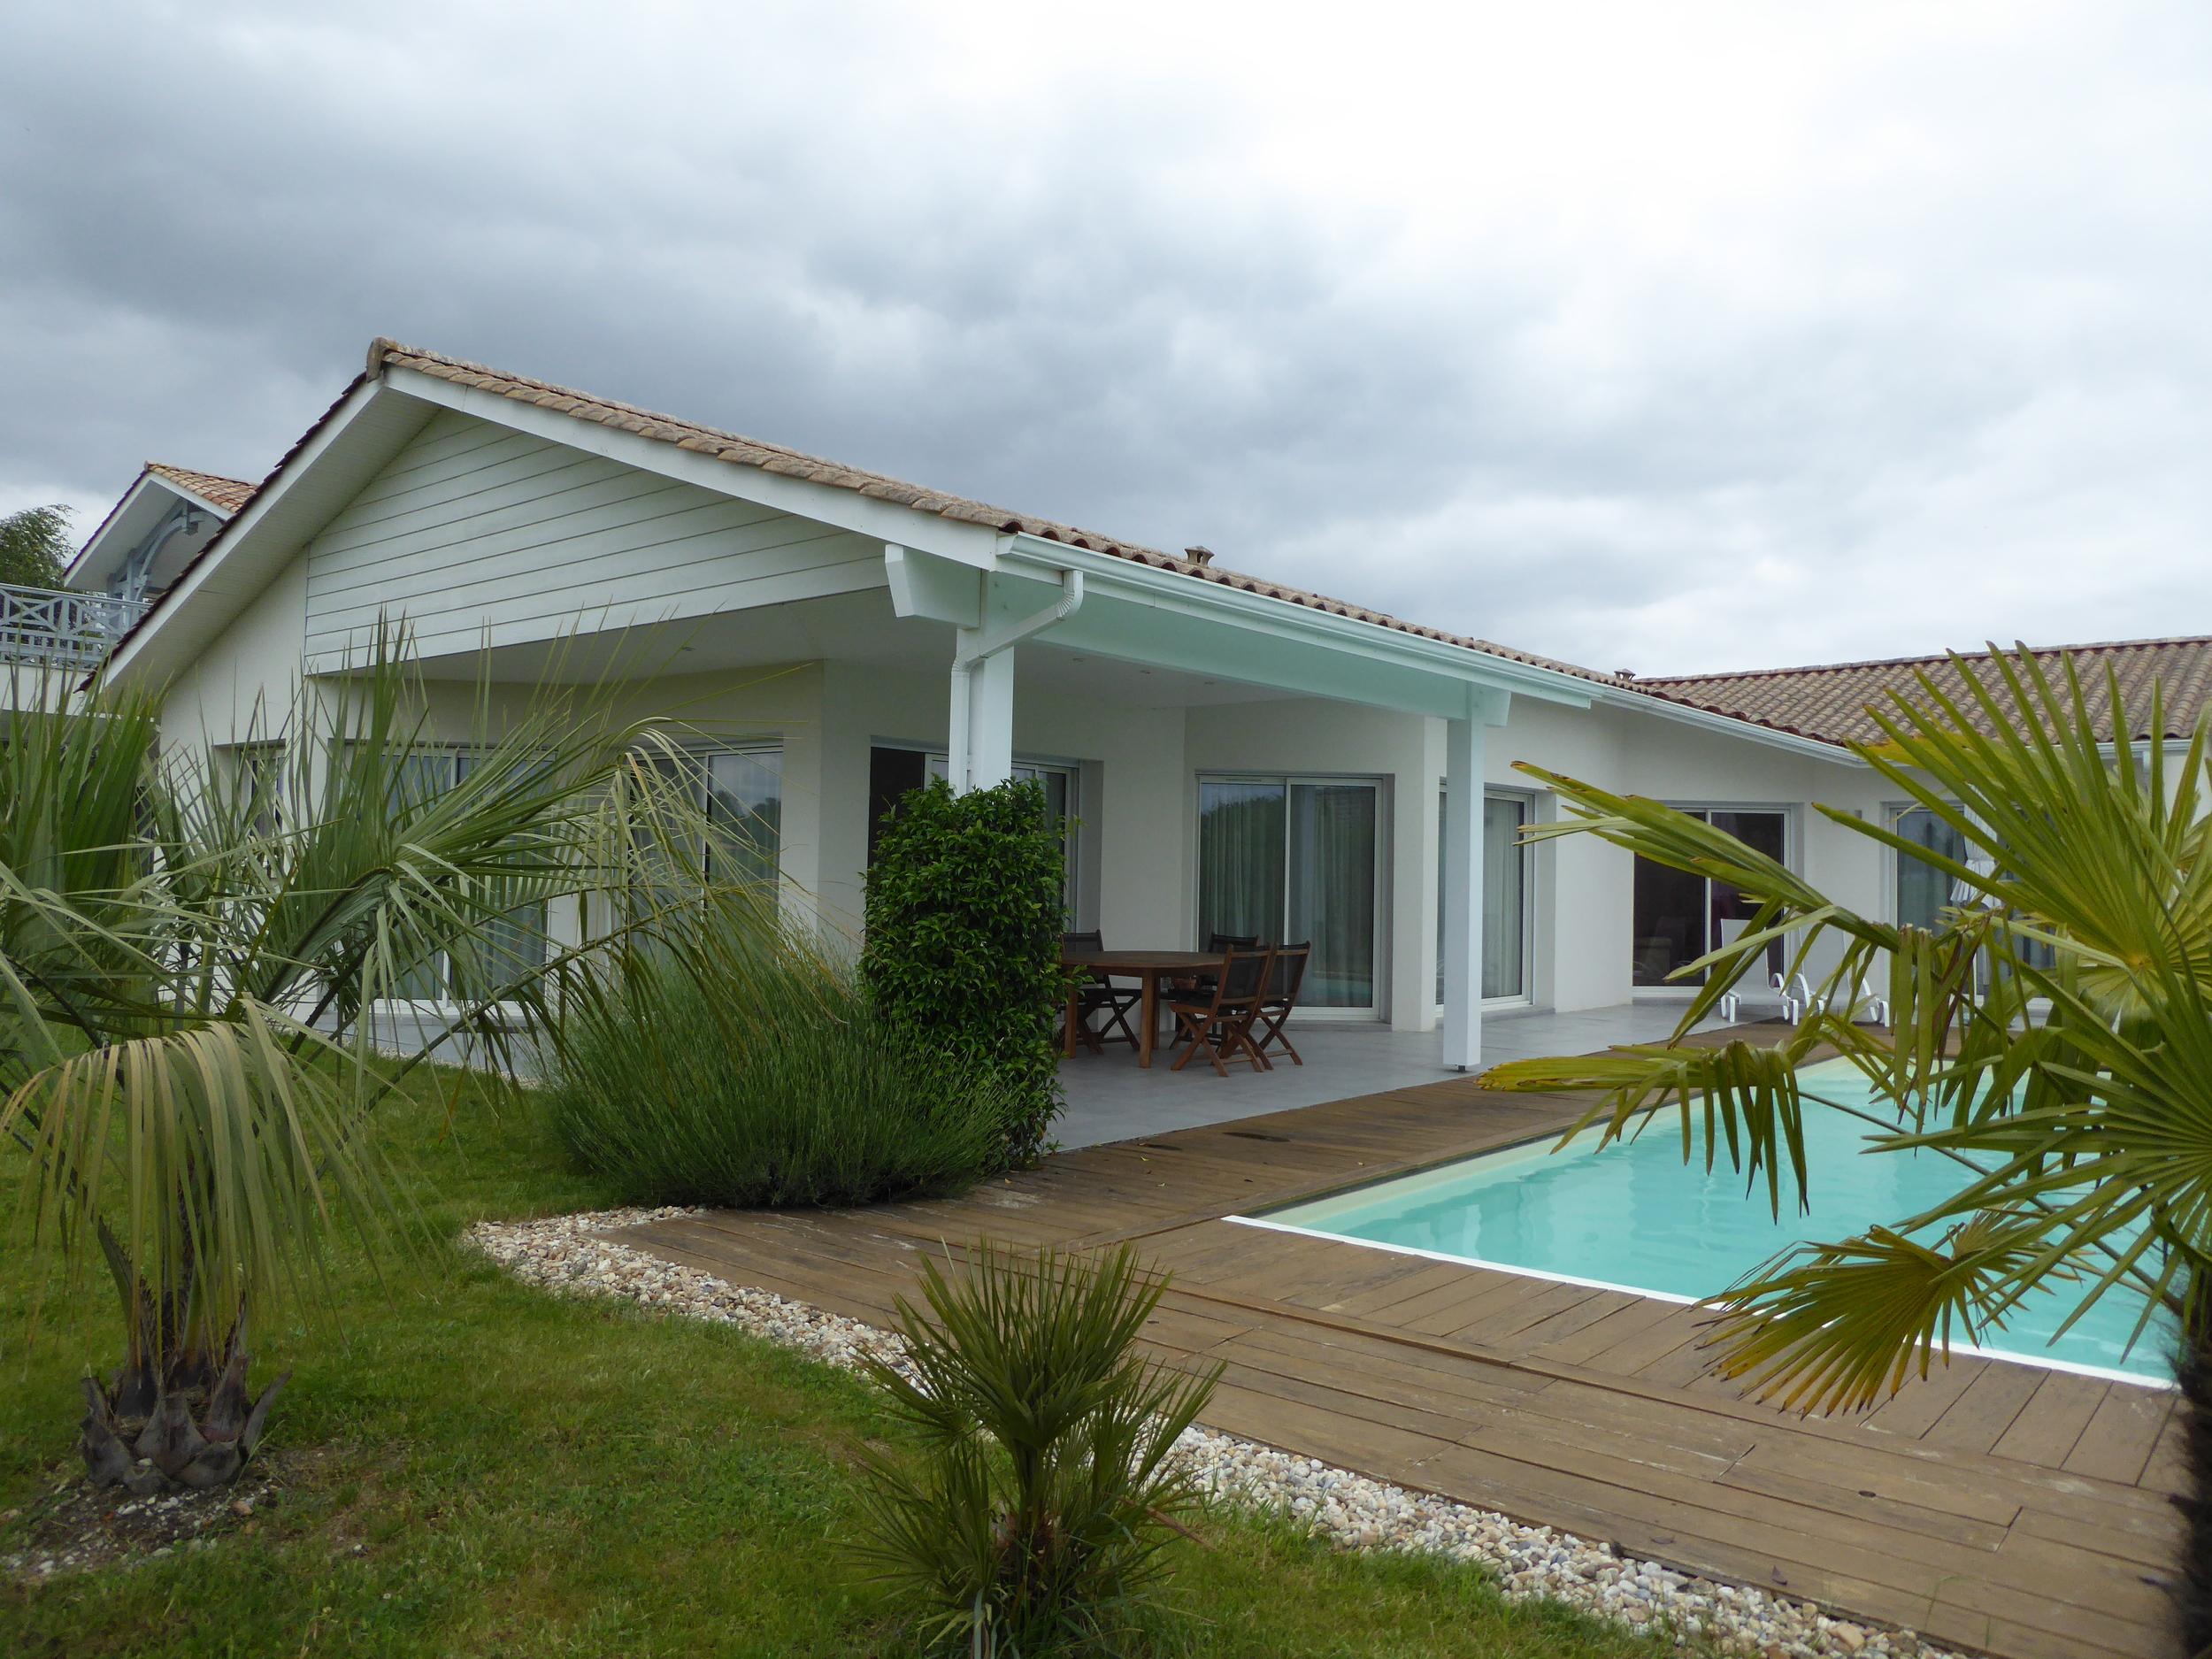 vente maison/villa 6 pièces Canéjan 33610